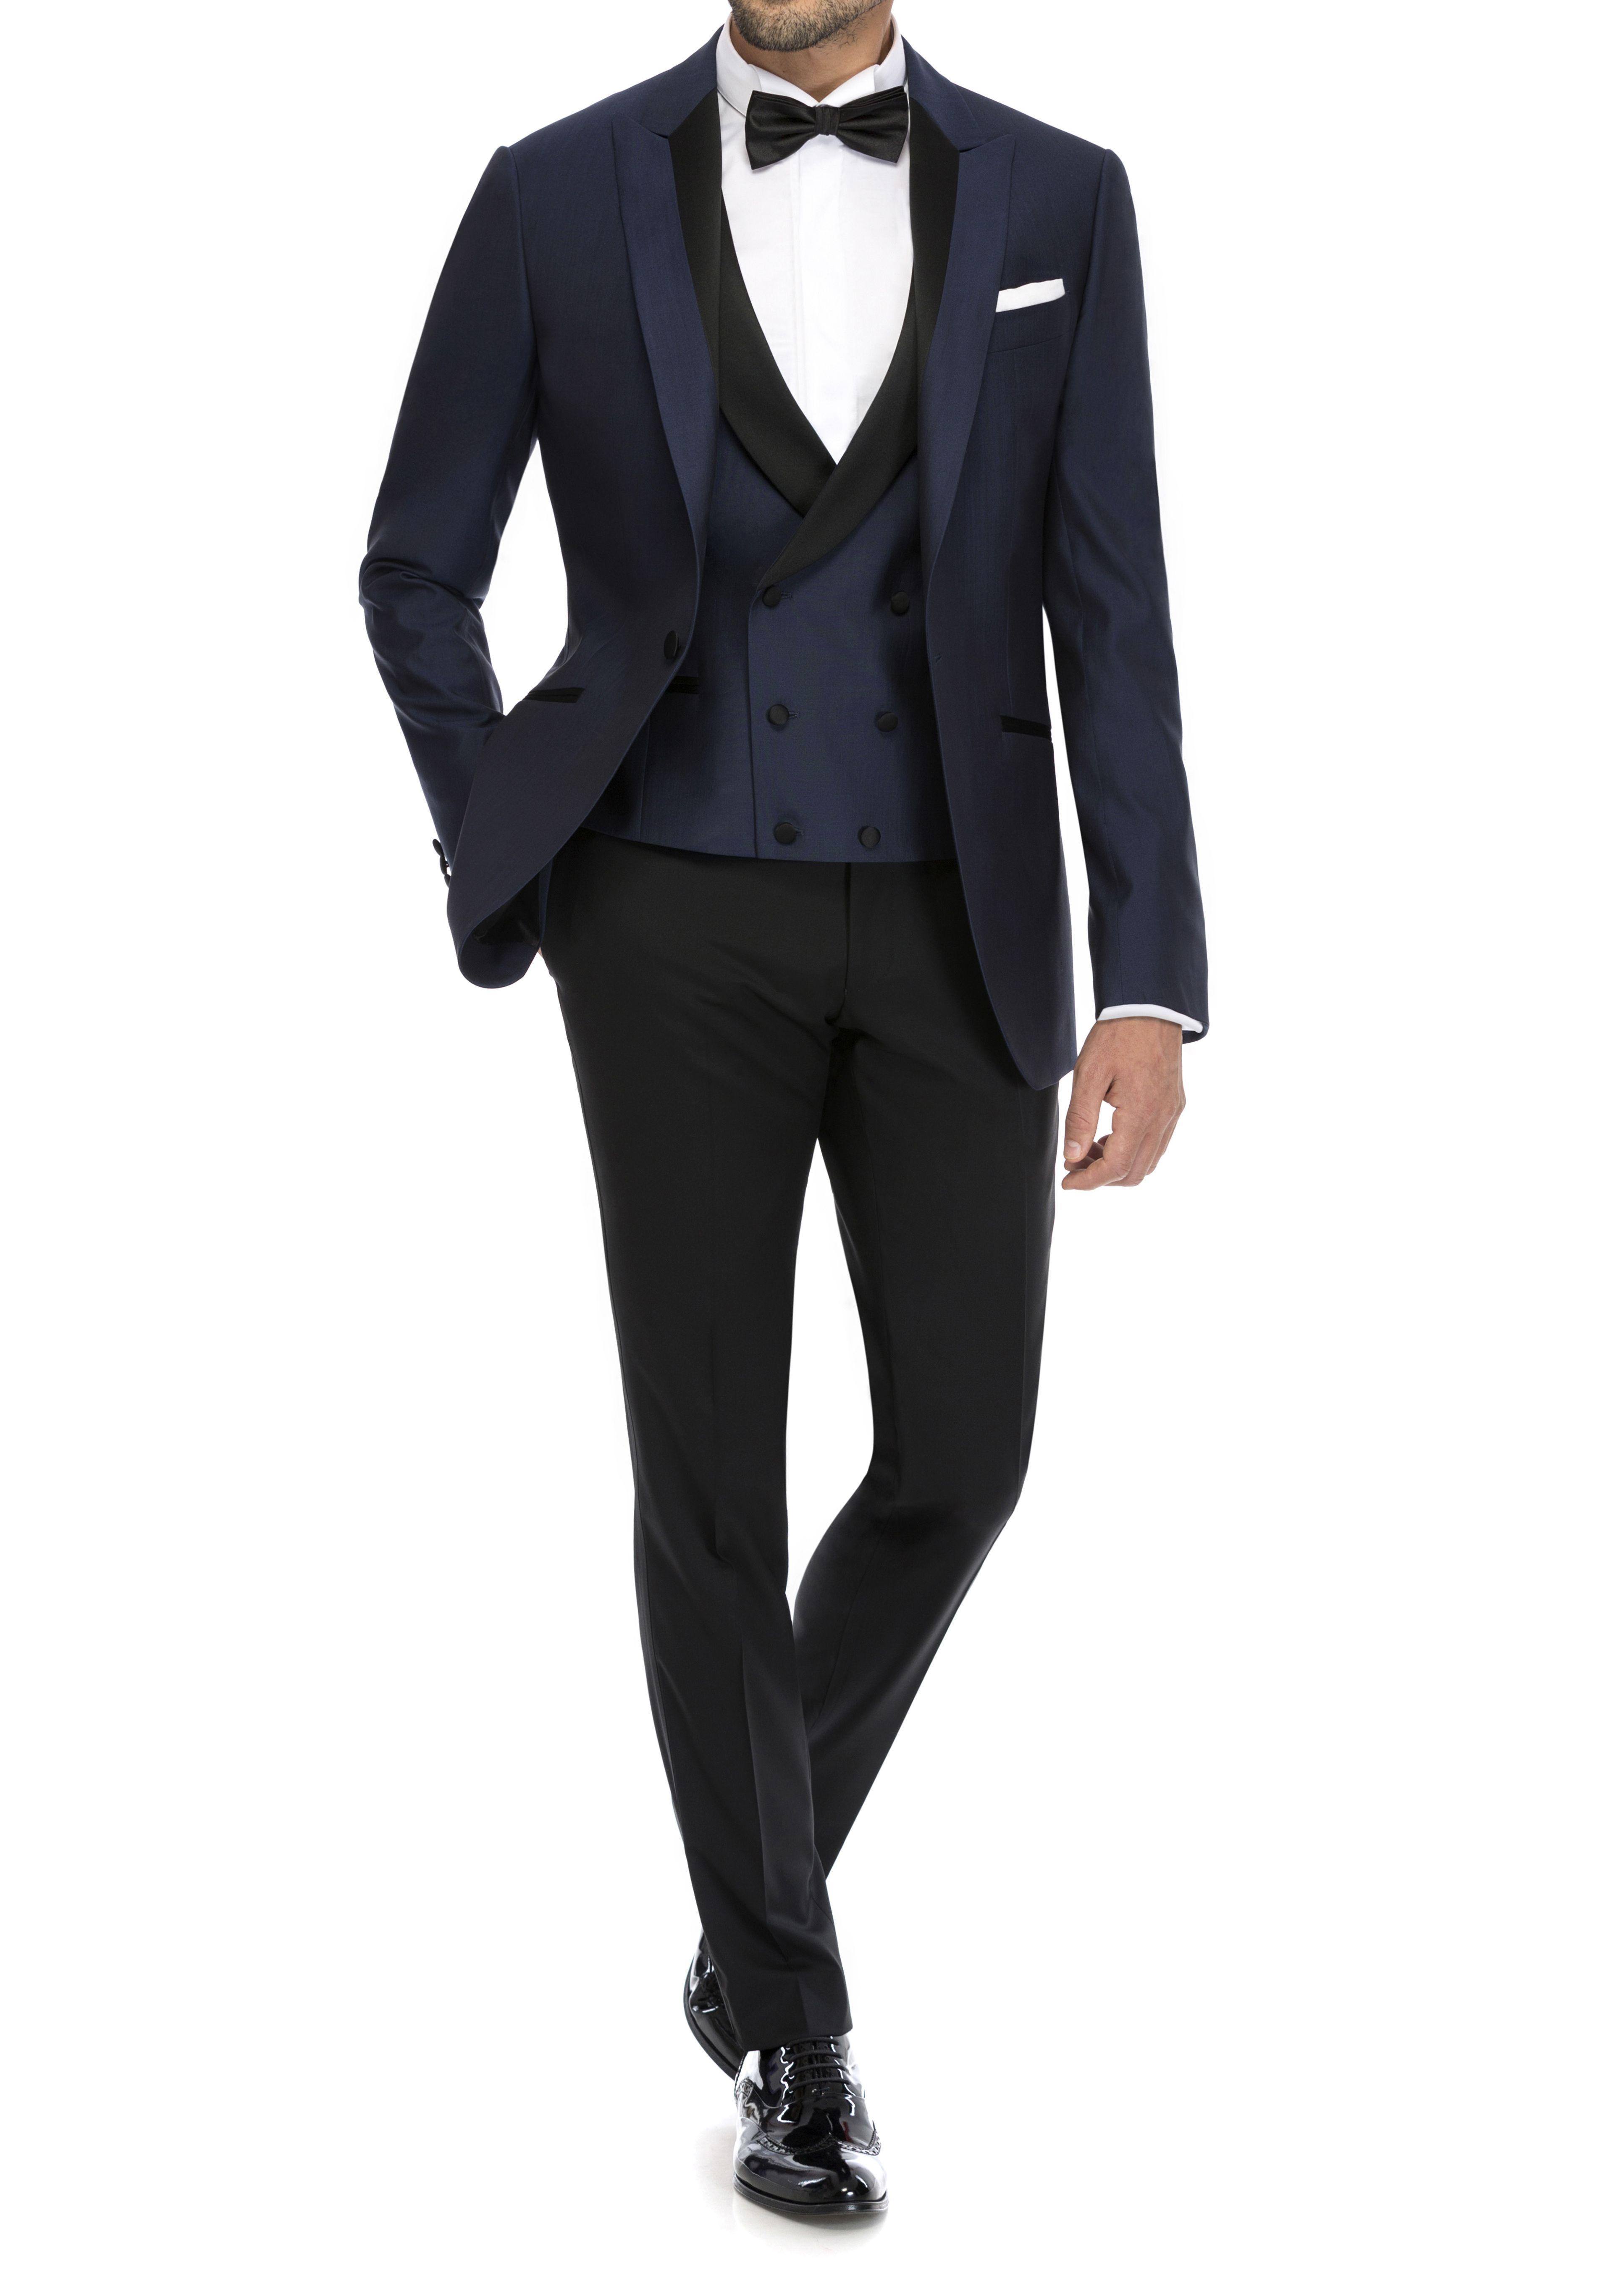 Fuchs Fashion Massgeschneiderte Kleidung Fur Damen Und Herren Manner Hochzeit Outfits Hochzeitsanzuge Manner Herren Abendgarderobe